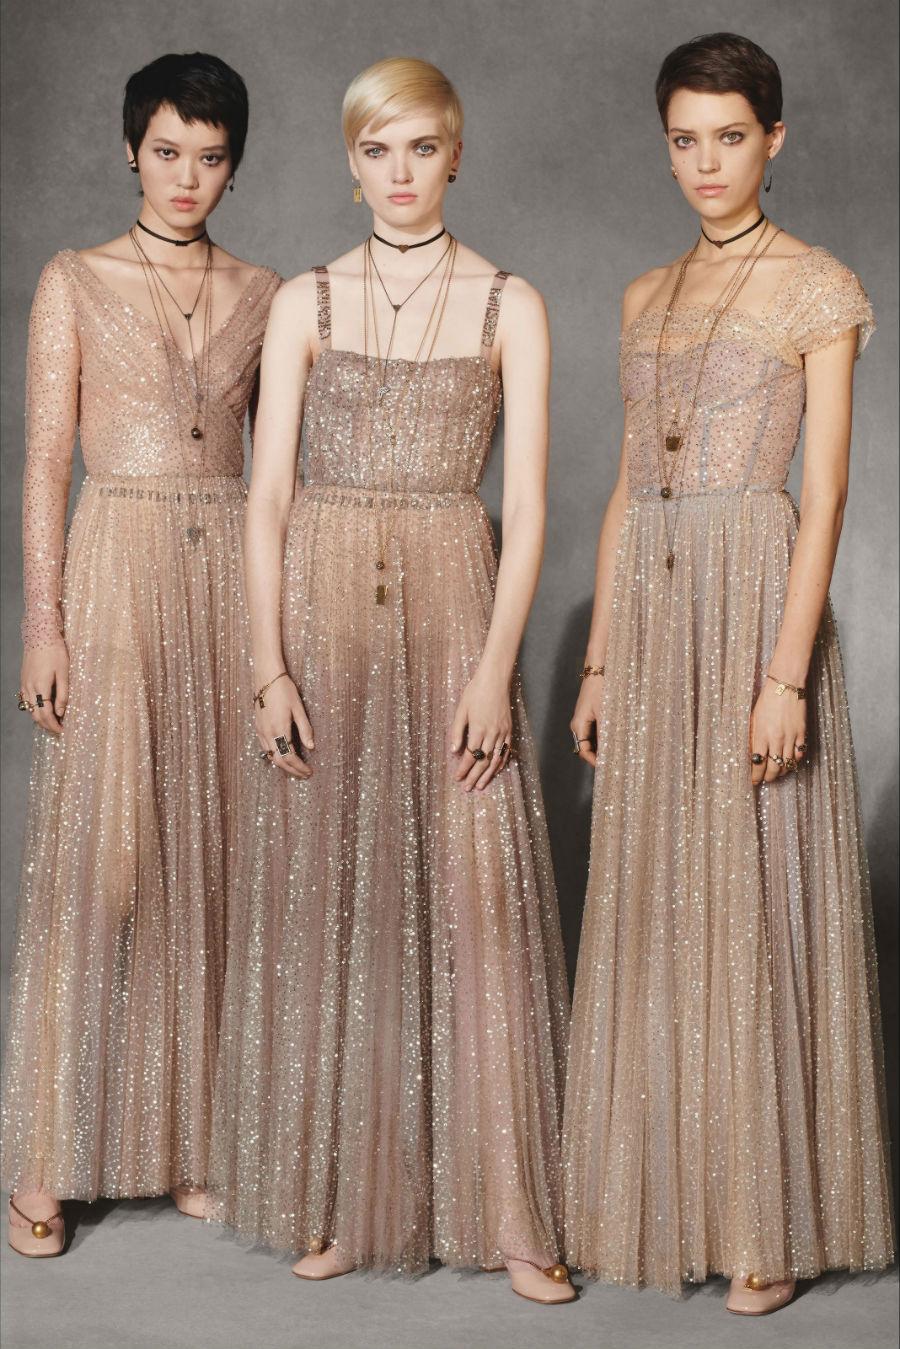 tre abiti in tulle rosa di Christian Dior Pre Fall 201 - credits Dior